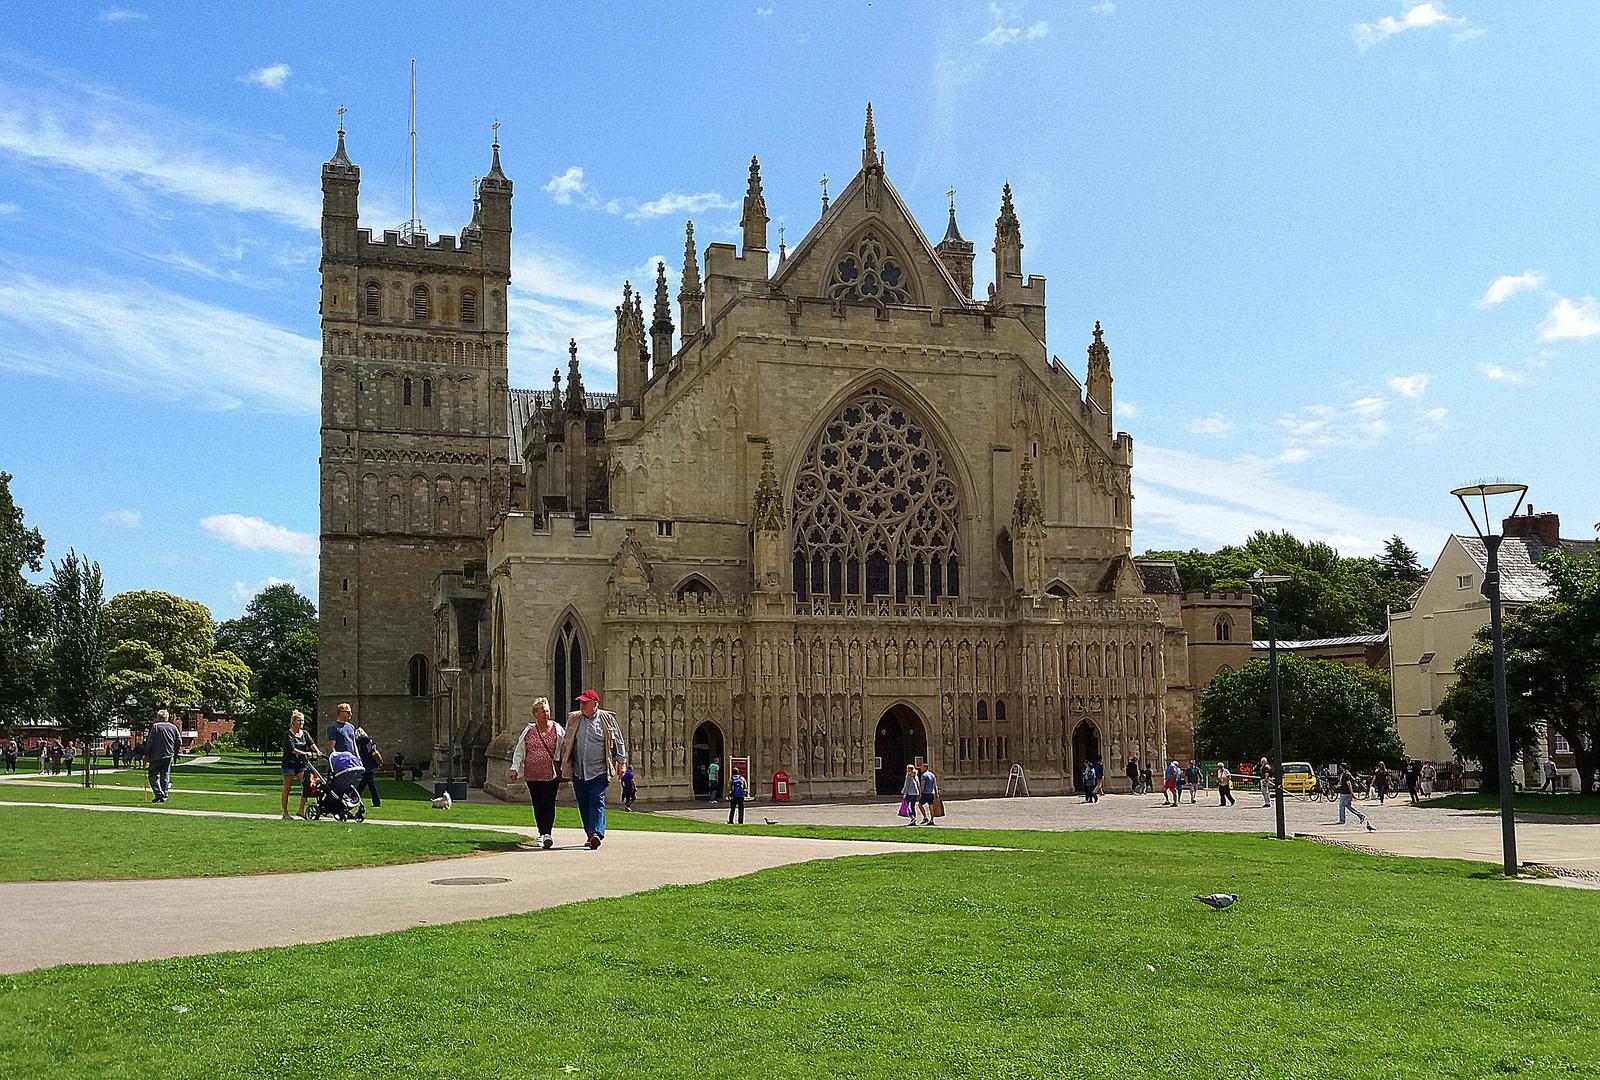 Facciata della cattedrale  di Exeter, nella Contea del Devon